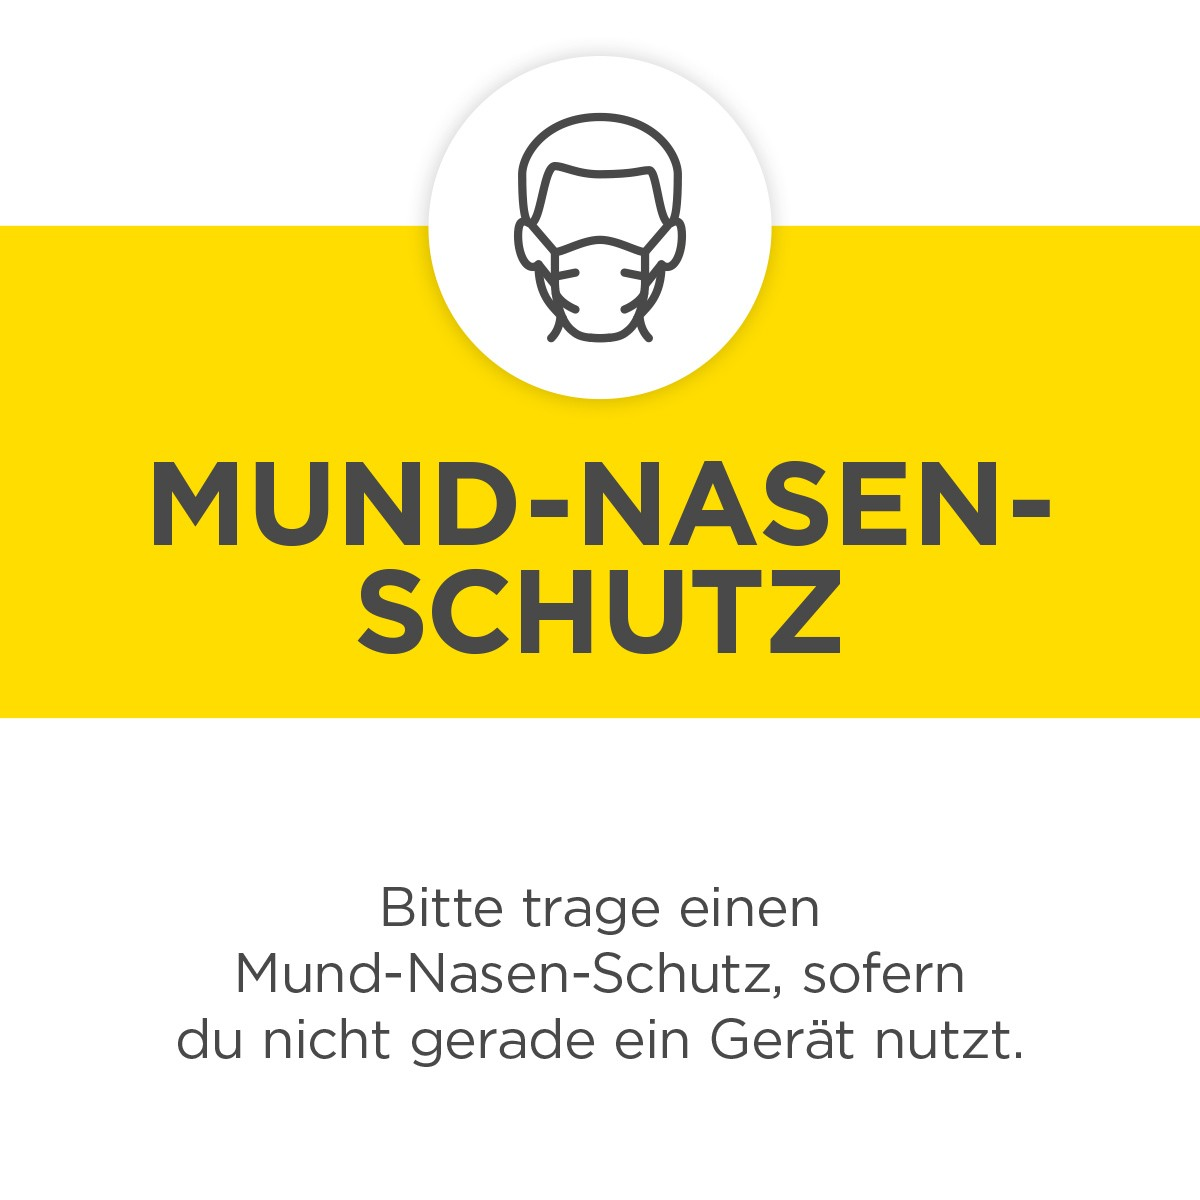 MUND-NASEN-SCHUTZ.